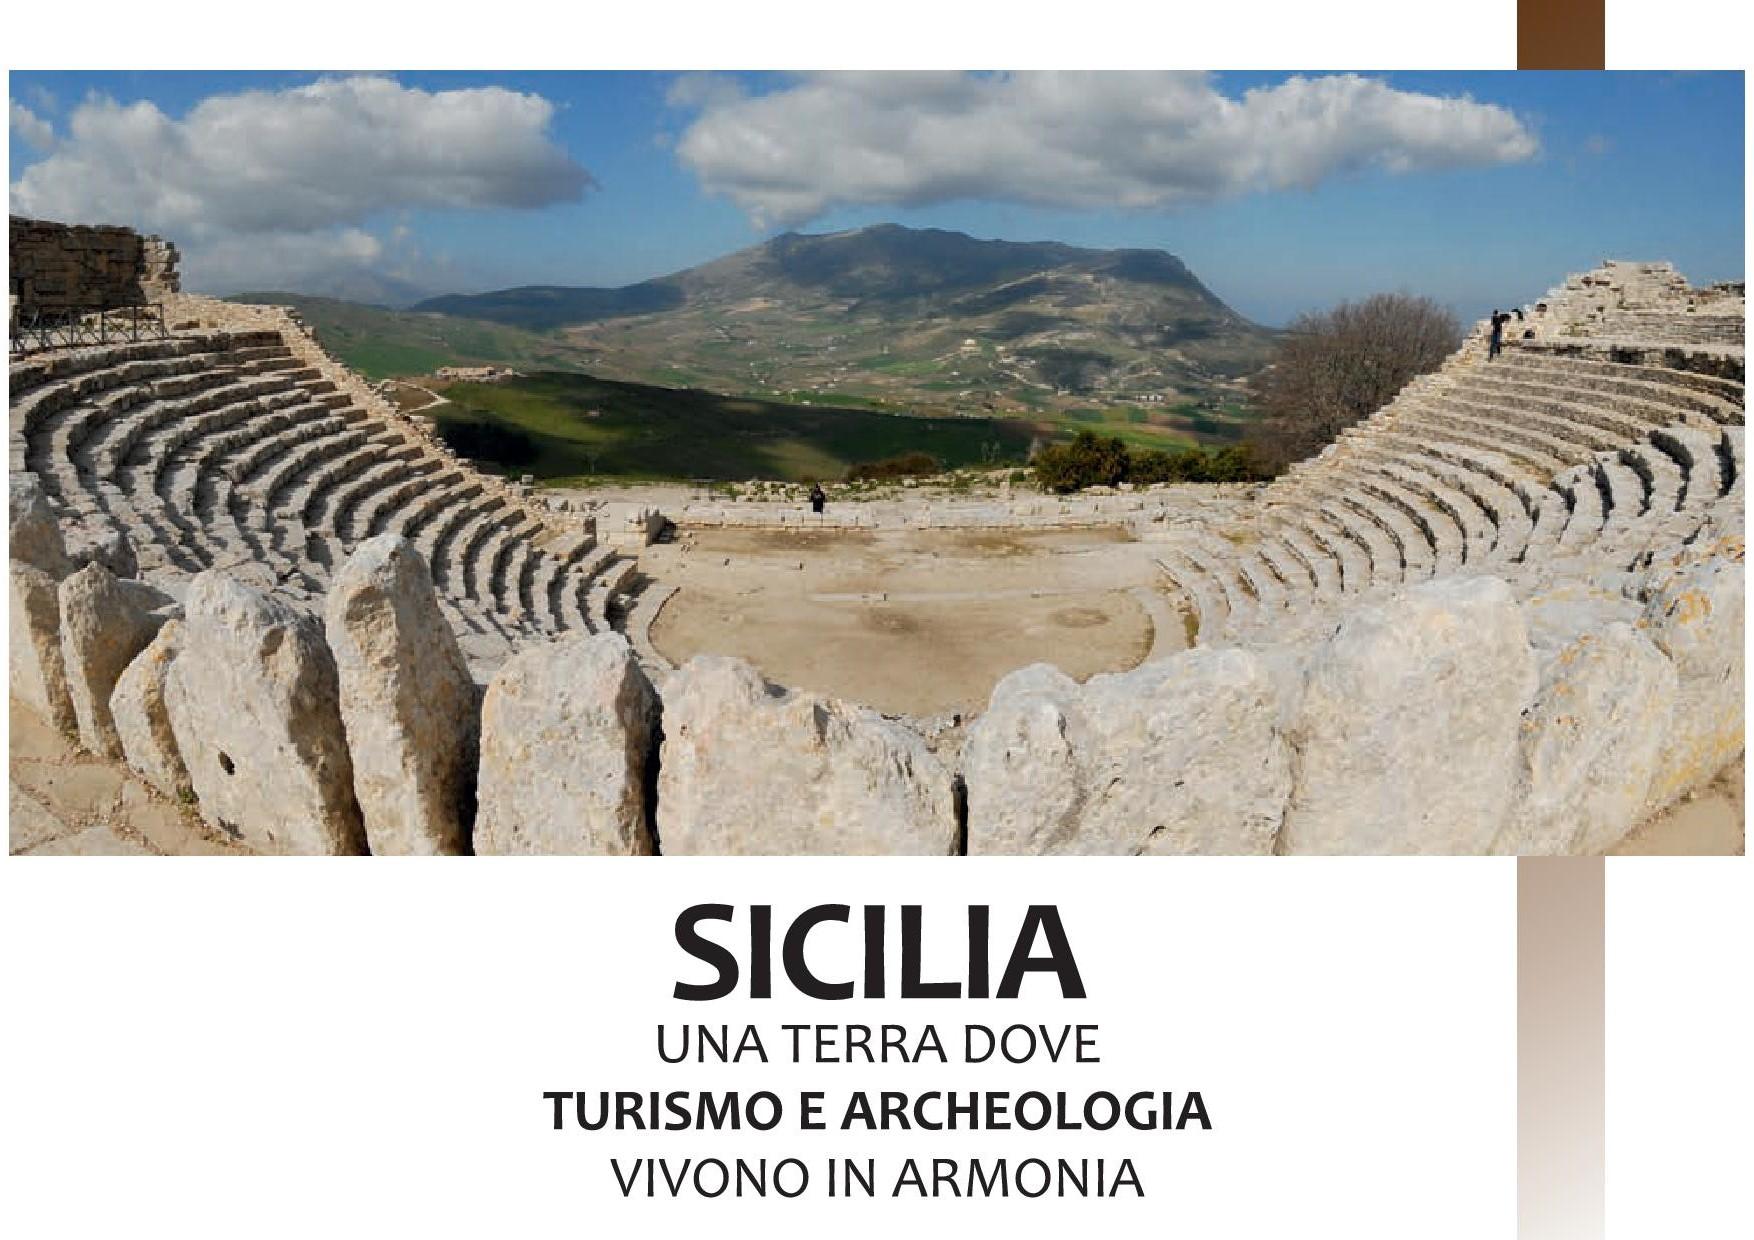 Turismo e Archeologia in Sicilia